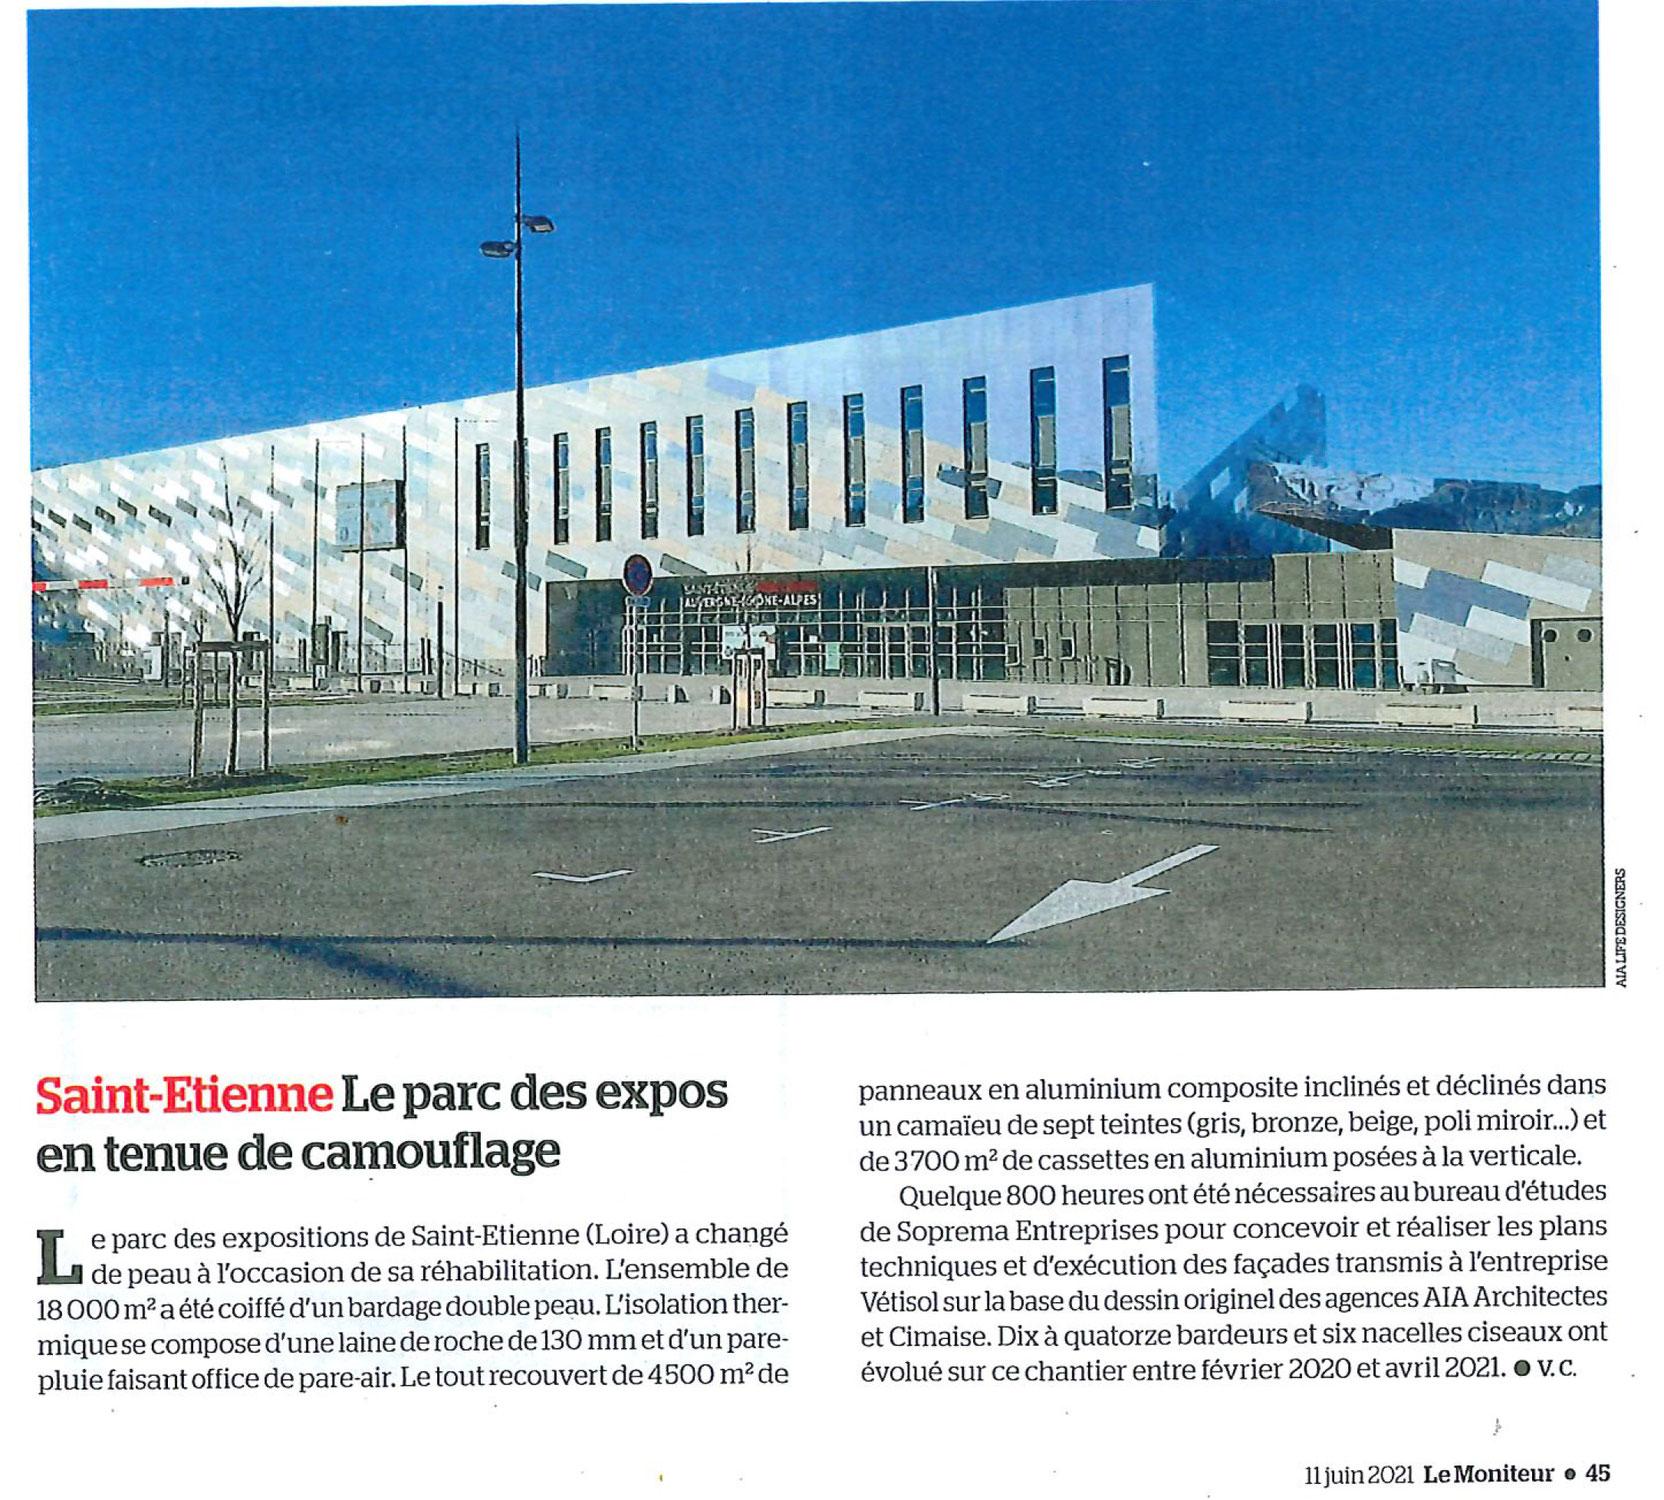 PARC DES EXPOSITIONS DE SAINT-ETIENNE